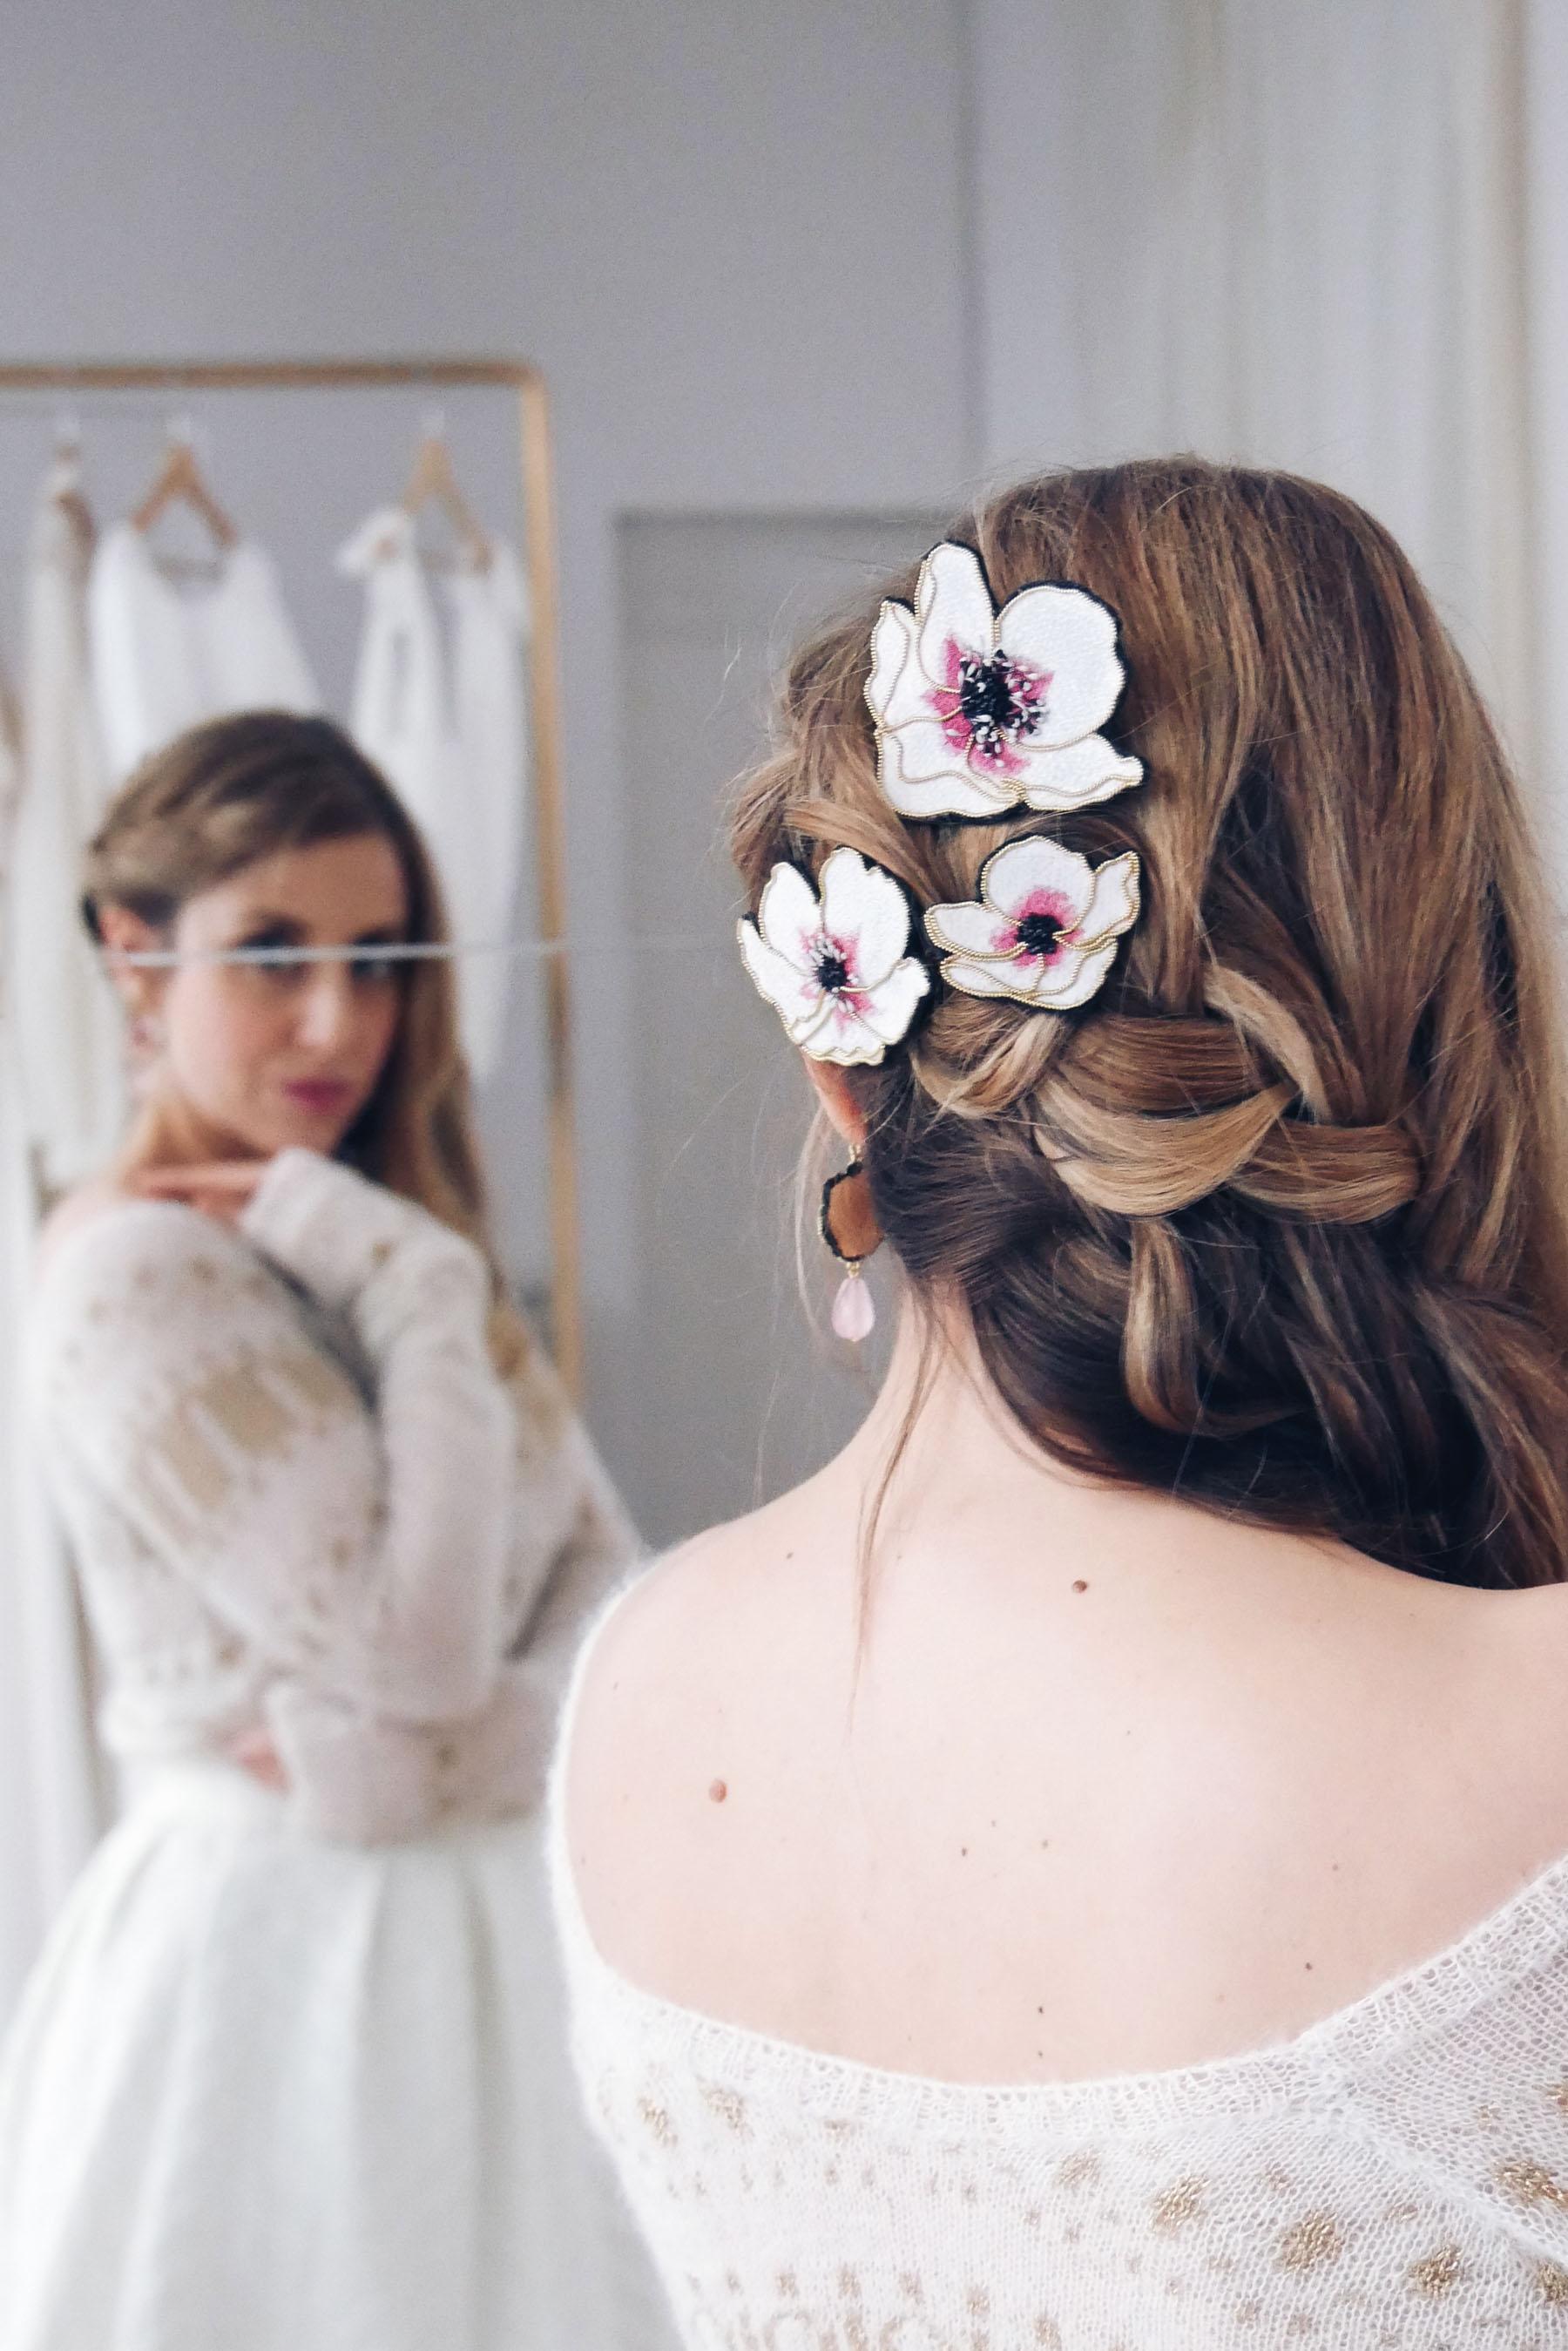 Bijoux de cheveux fait main Nini Peony collaboration La Fiancee du Panda blog mariage et lifestyle-1